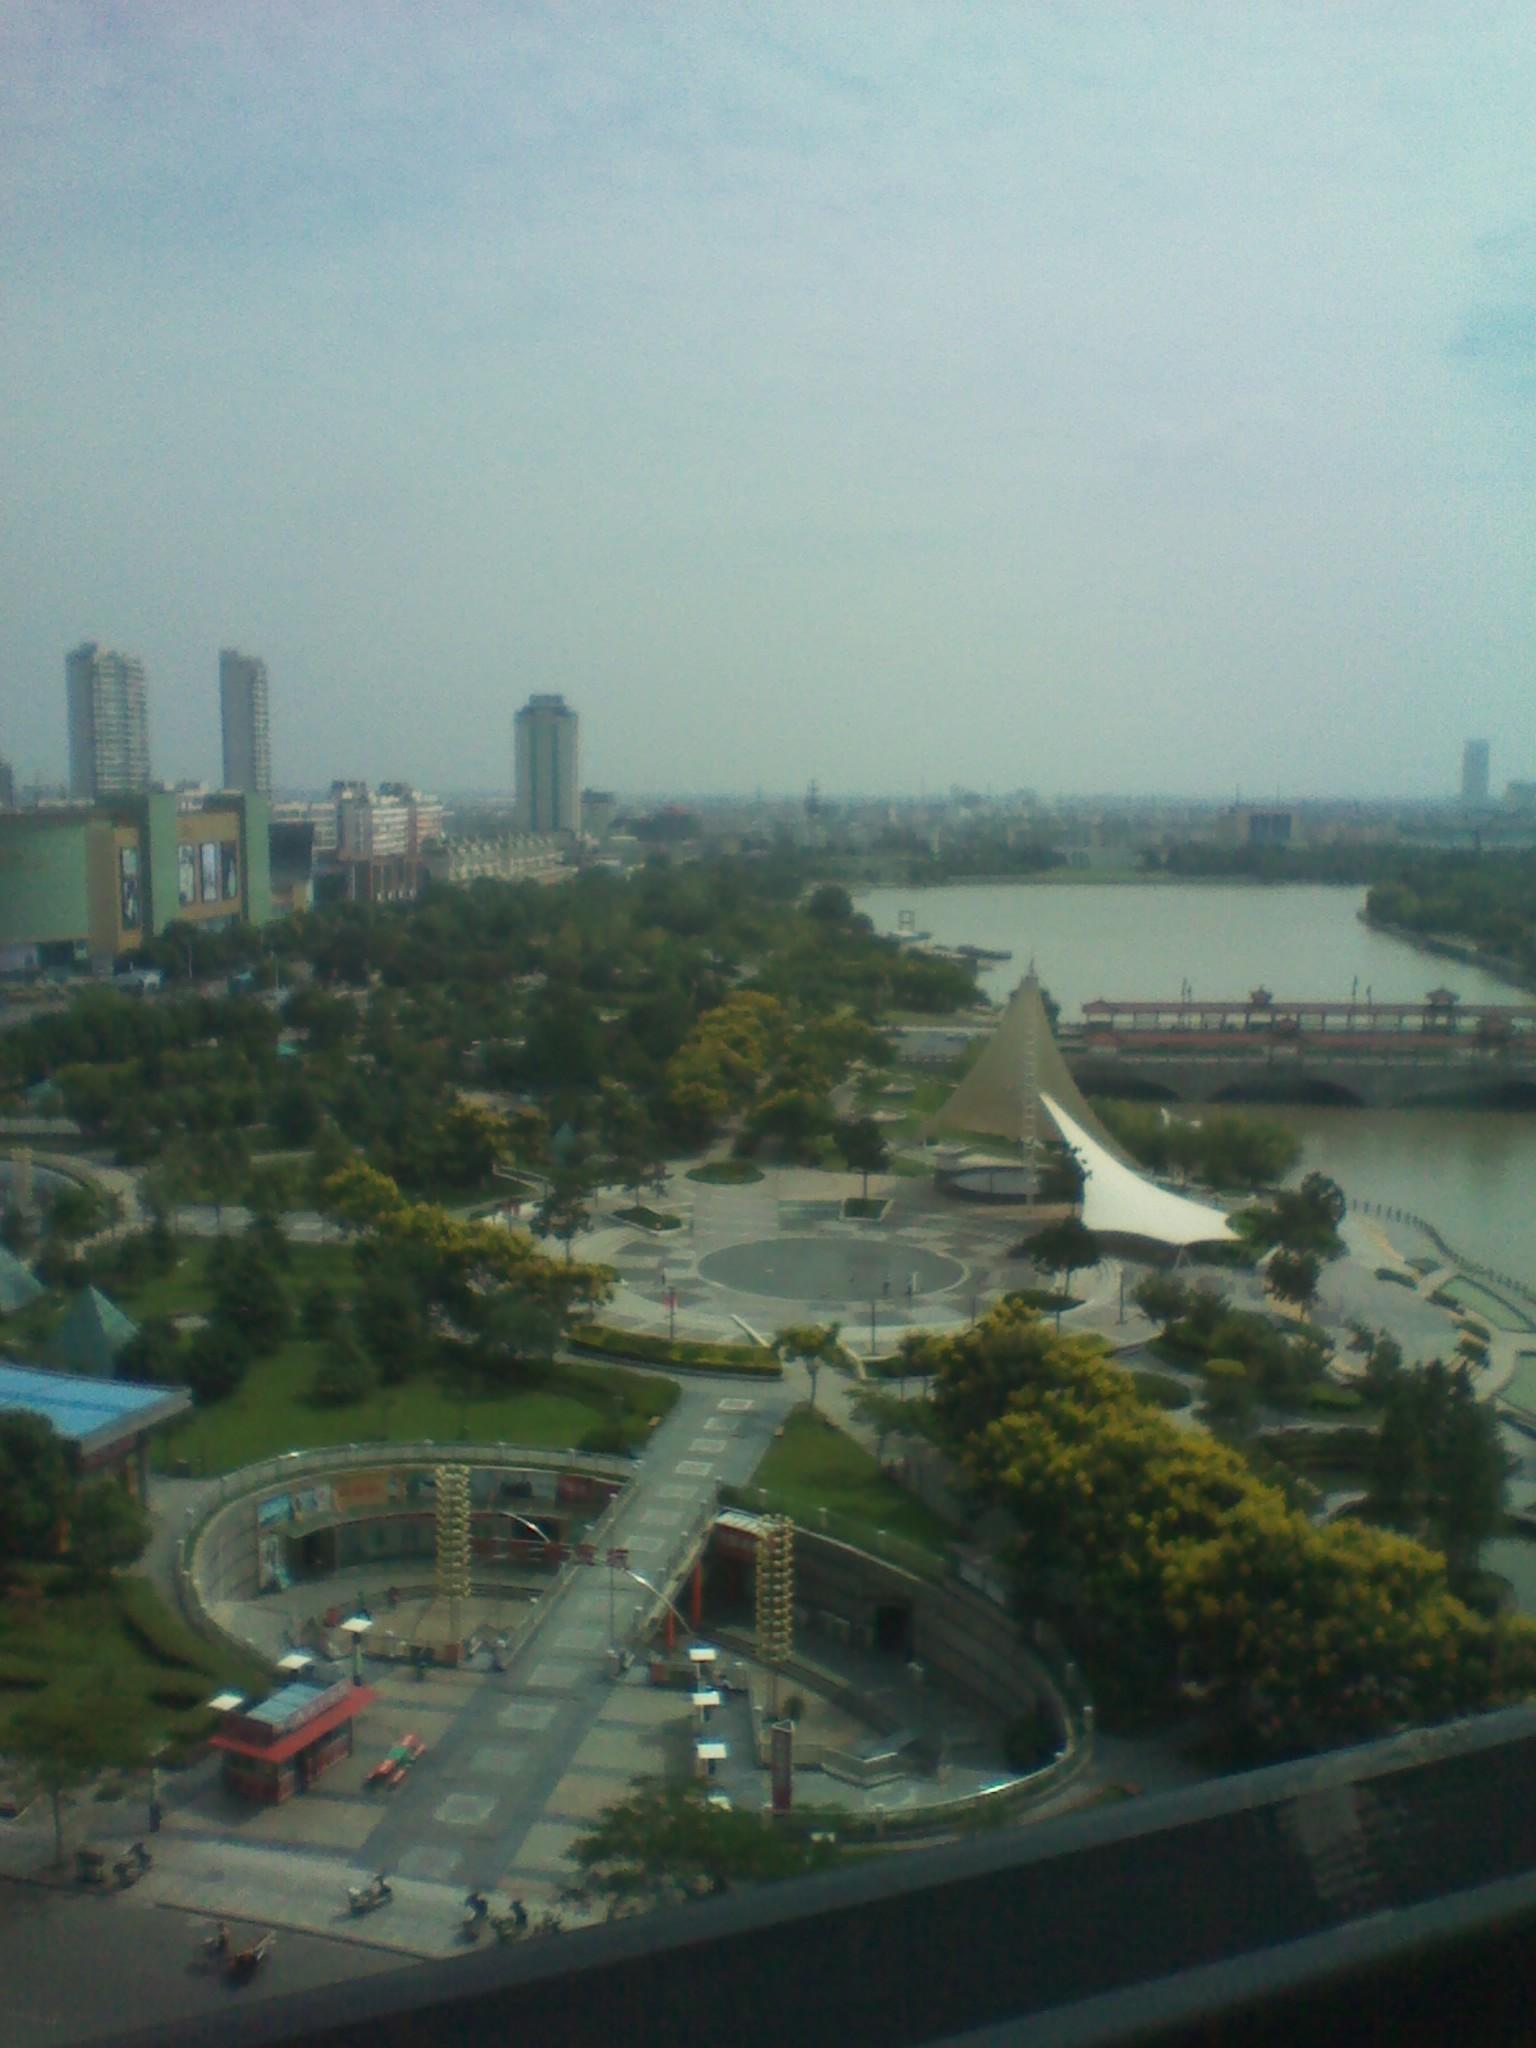 Taizhou Jiangsu Travel Guide At Wikivoyage